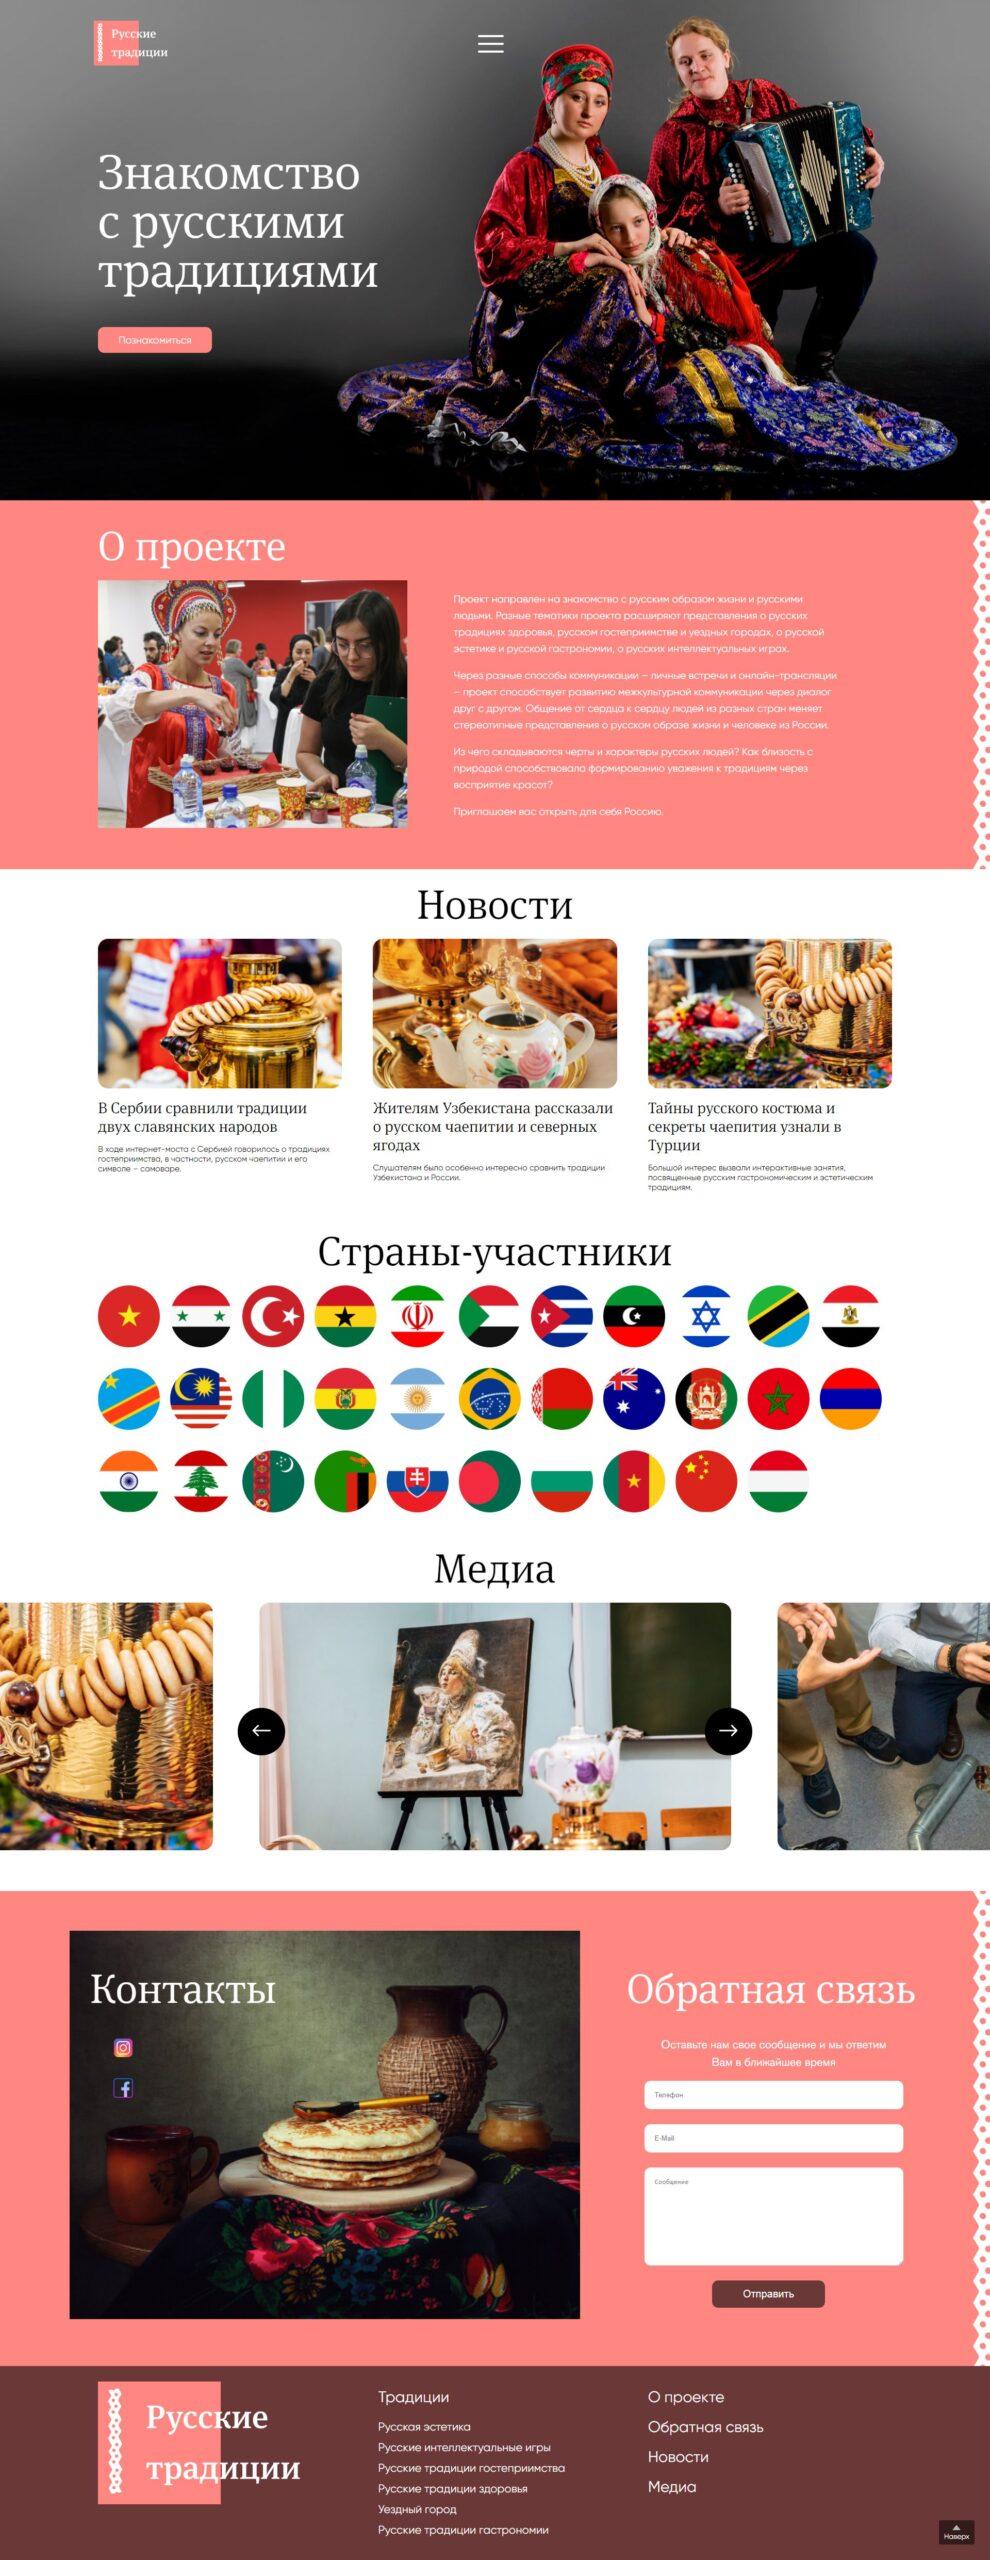 Образовательный проект «Знакомство с русскими традициями»